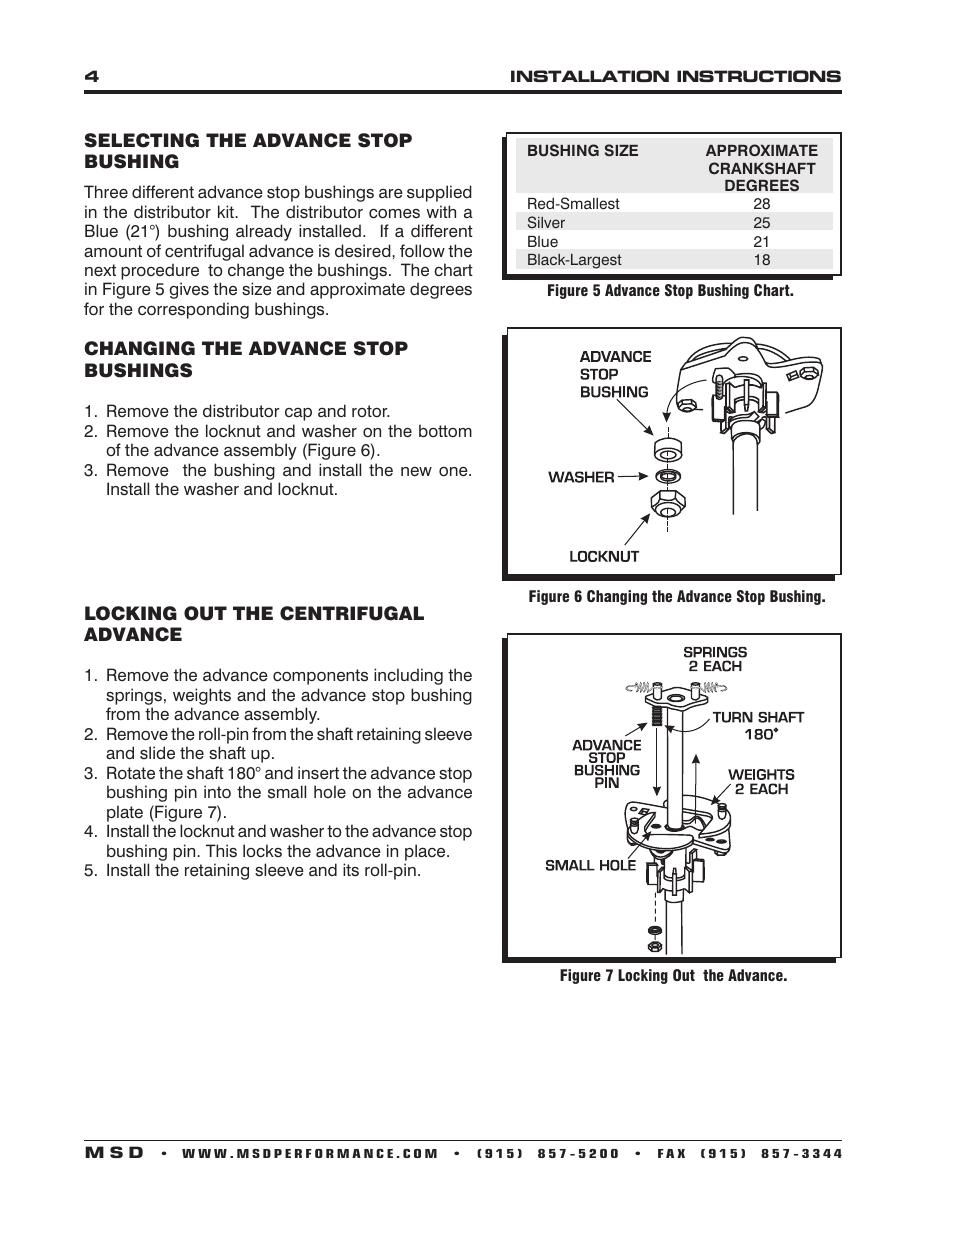 351 Windsor Distributor Cap Diagram Electrical Wiring Diagrams Cleveland Msd 85805 Ford 351w W Edelbrock Victor Jr Billet 93 Firing Order